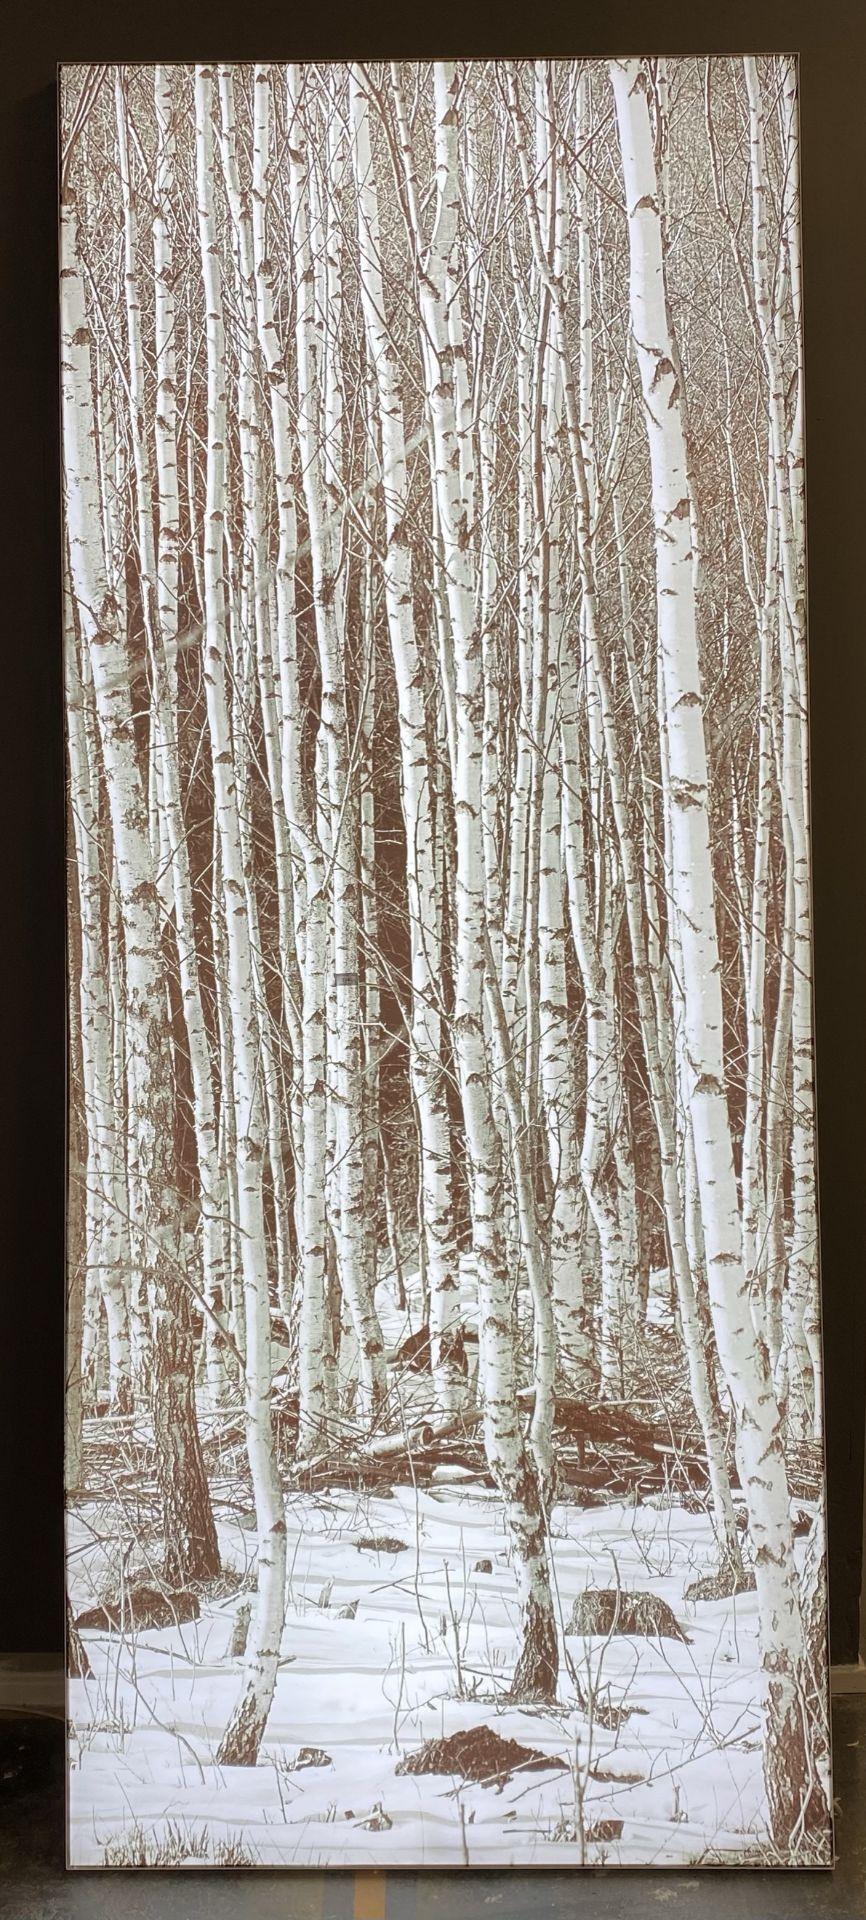 A large photographic rectangular illumin - Image 2 of 2